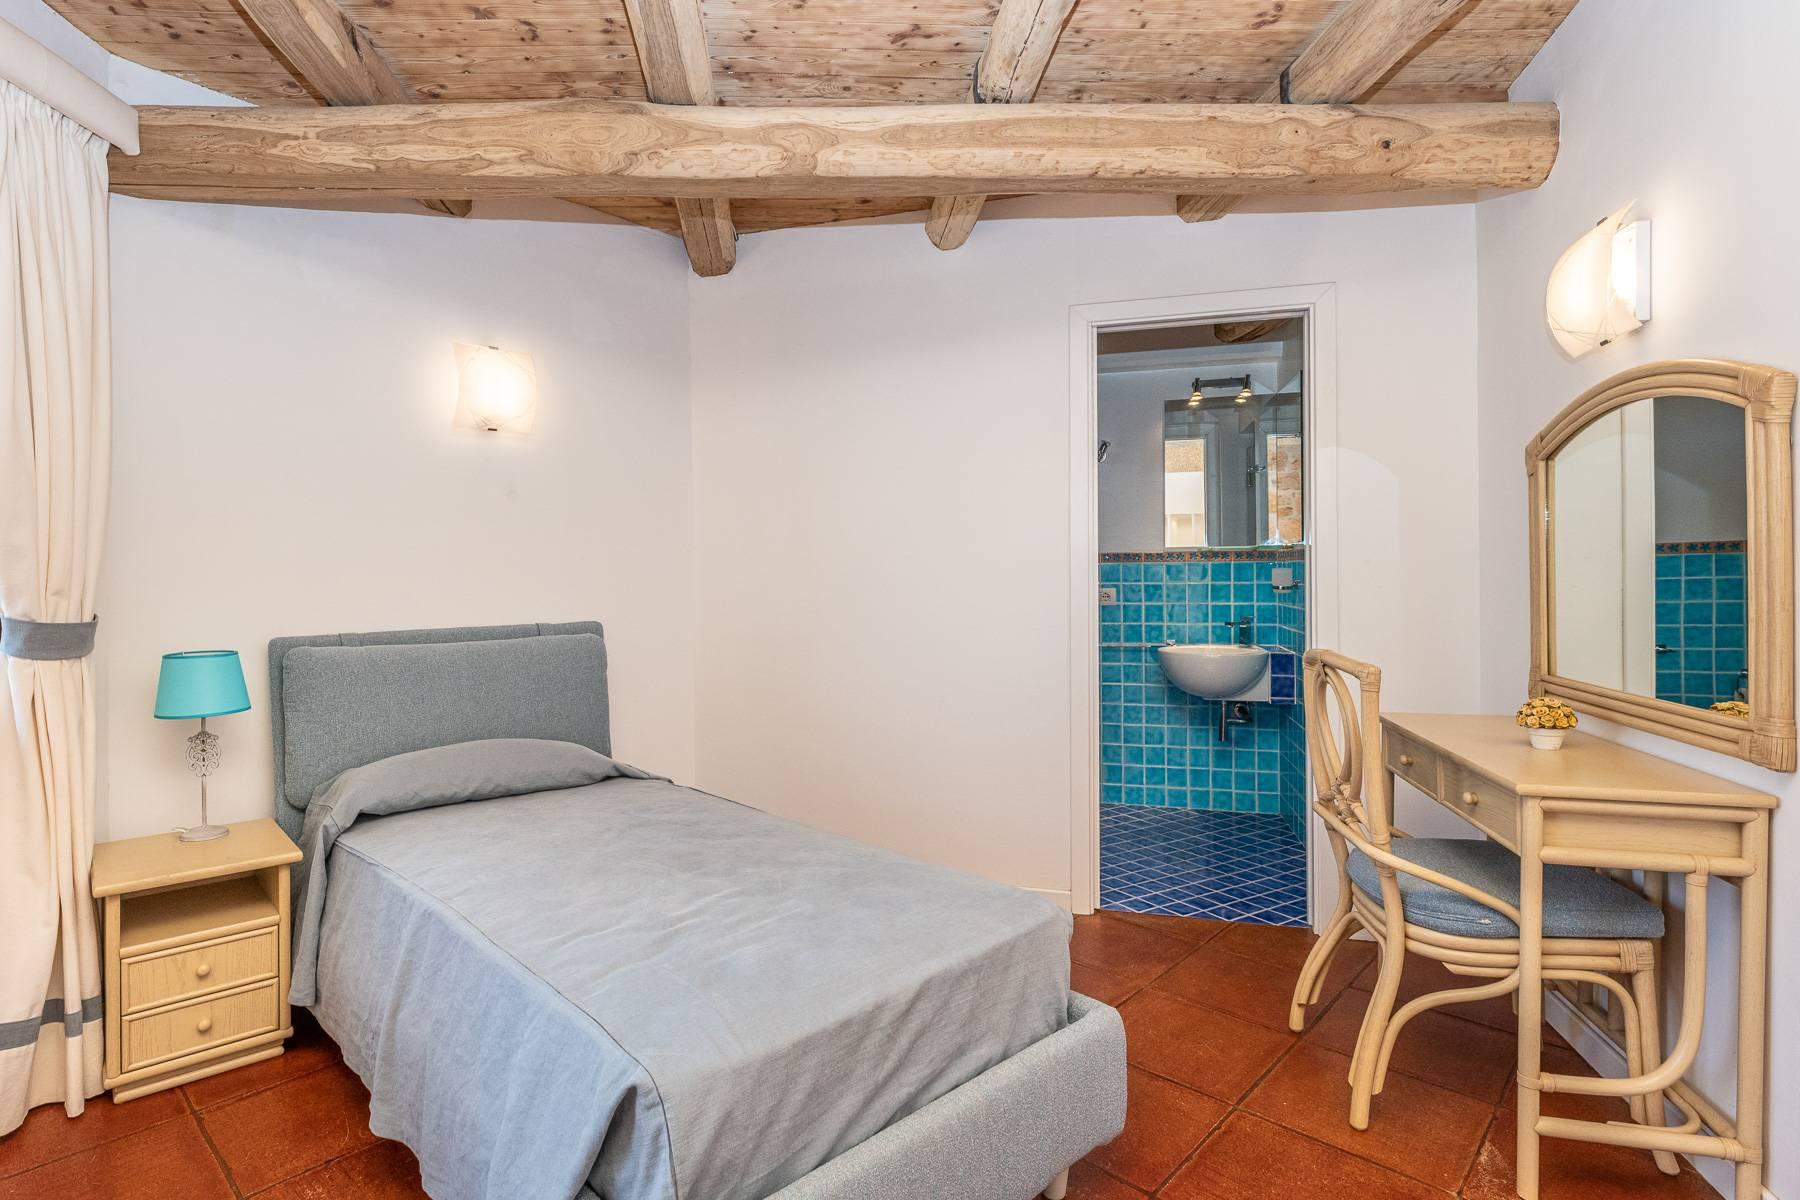 Importante villa indipendente con un impareggiabile panorama, nel cuore di Porto Cervo. - 20